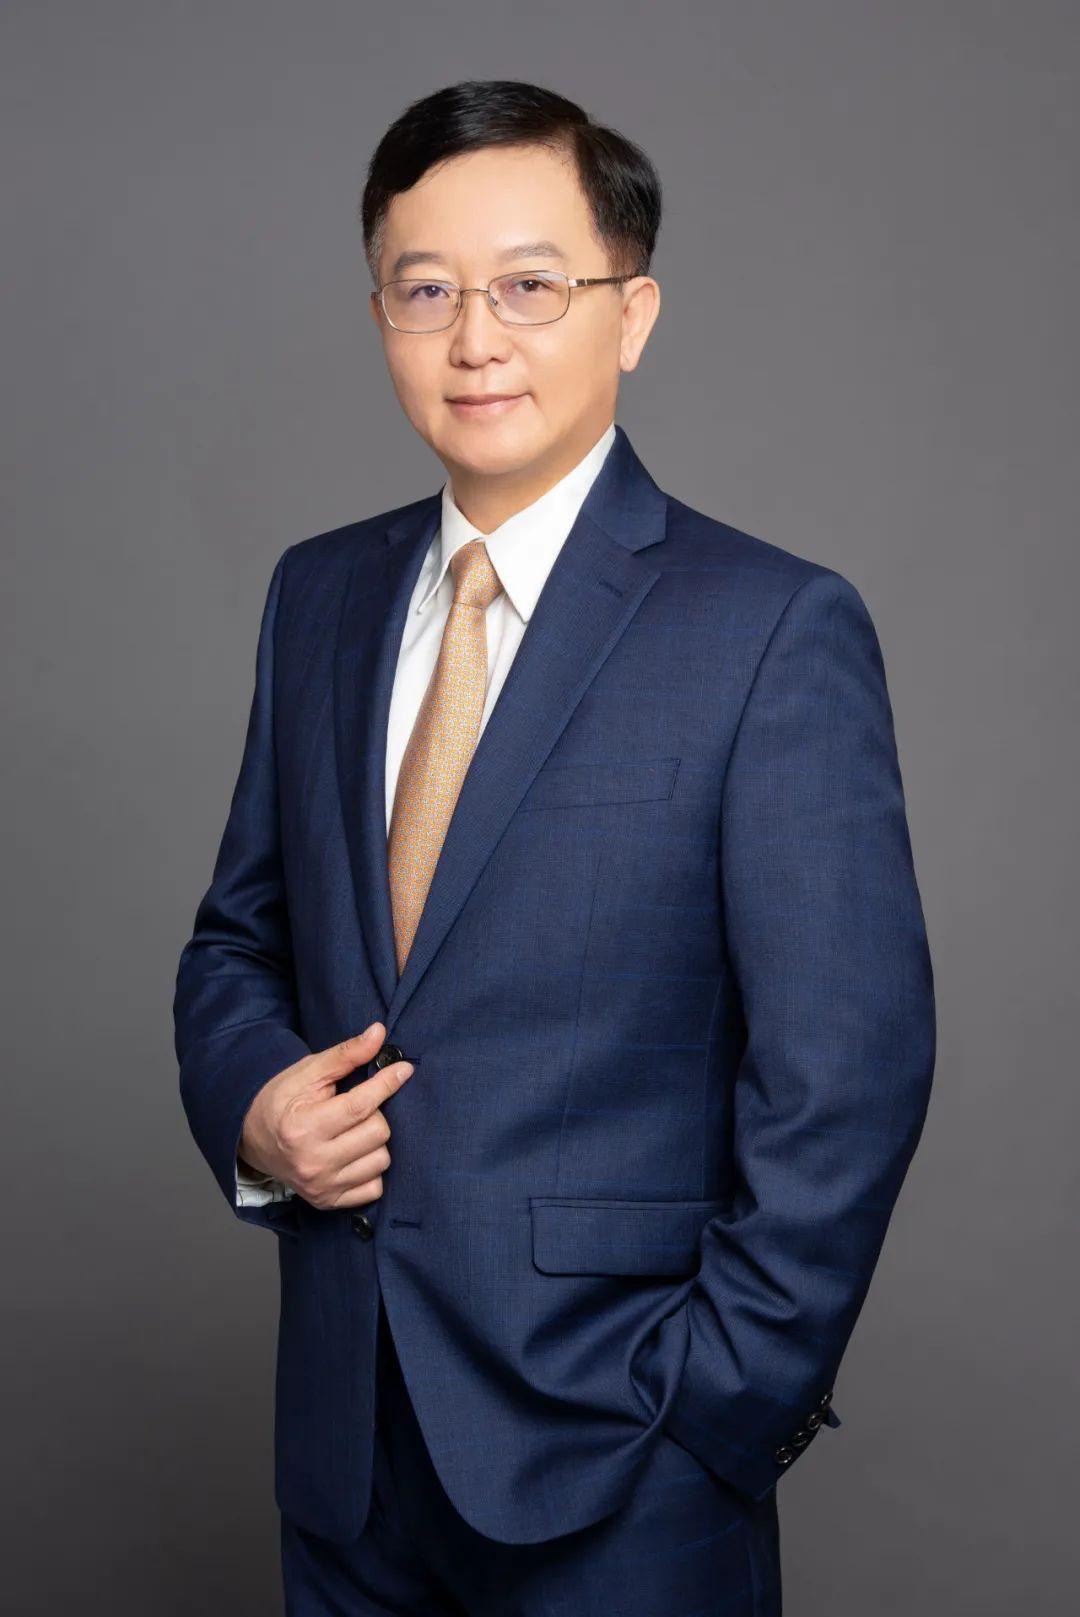 牛眼IPO | 复宏汉霖创始人兼CEO刘世高:曲妥珠单抗上市在即,回A因对生物药企估值更高